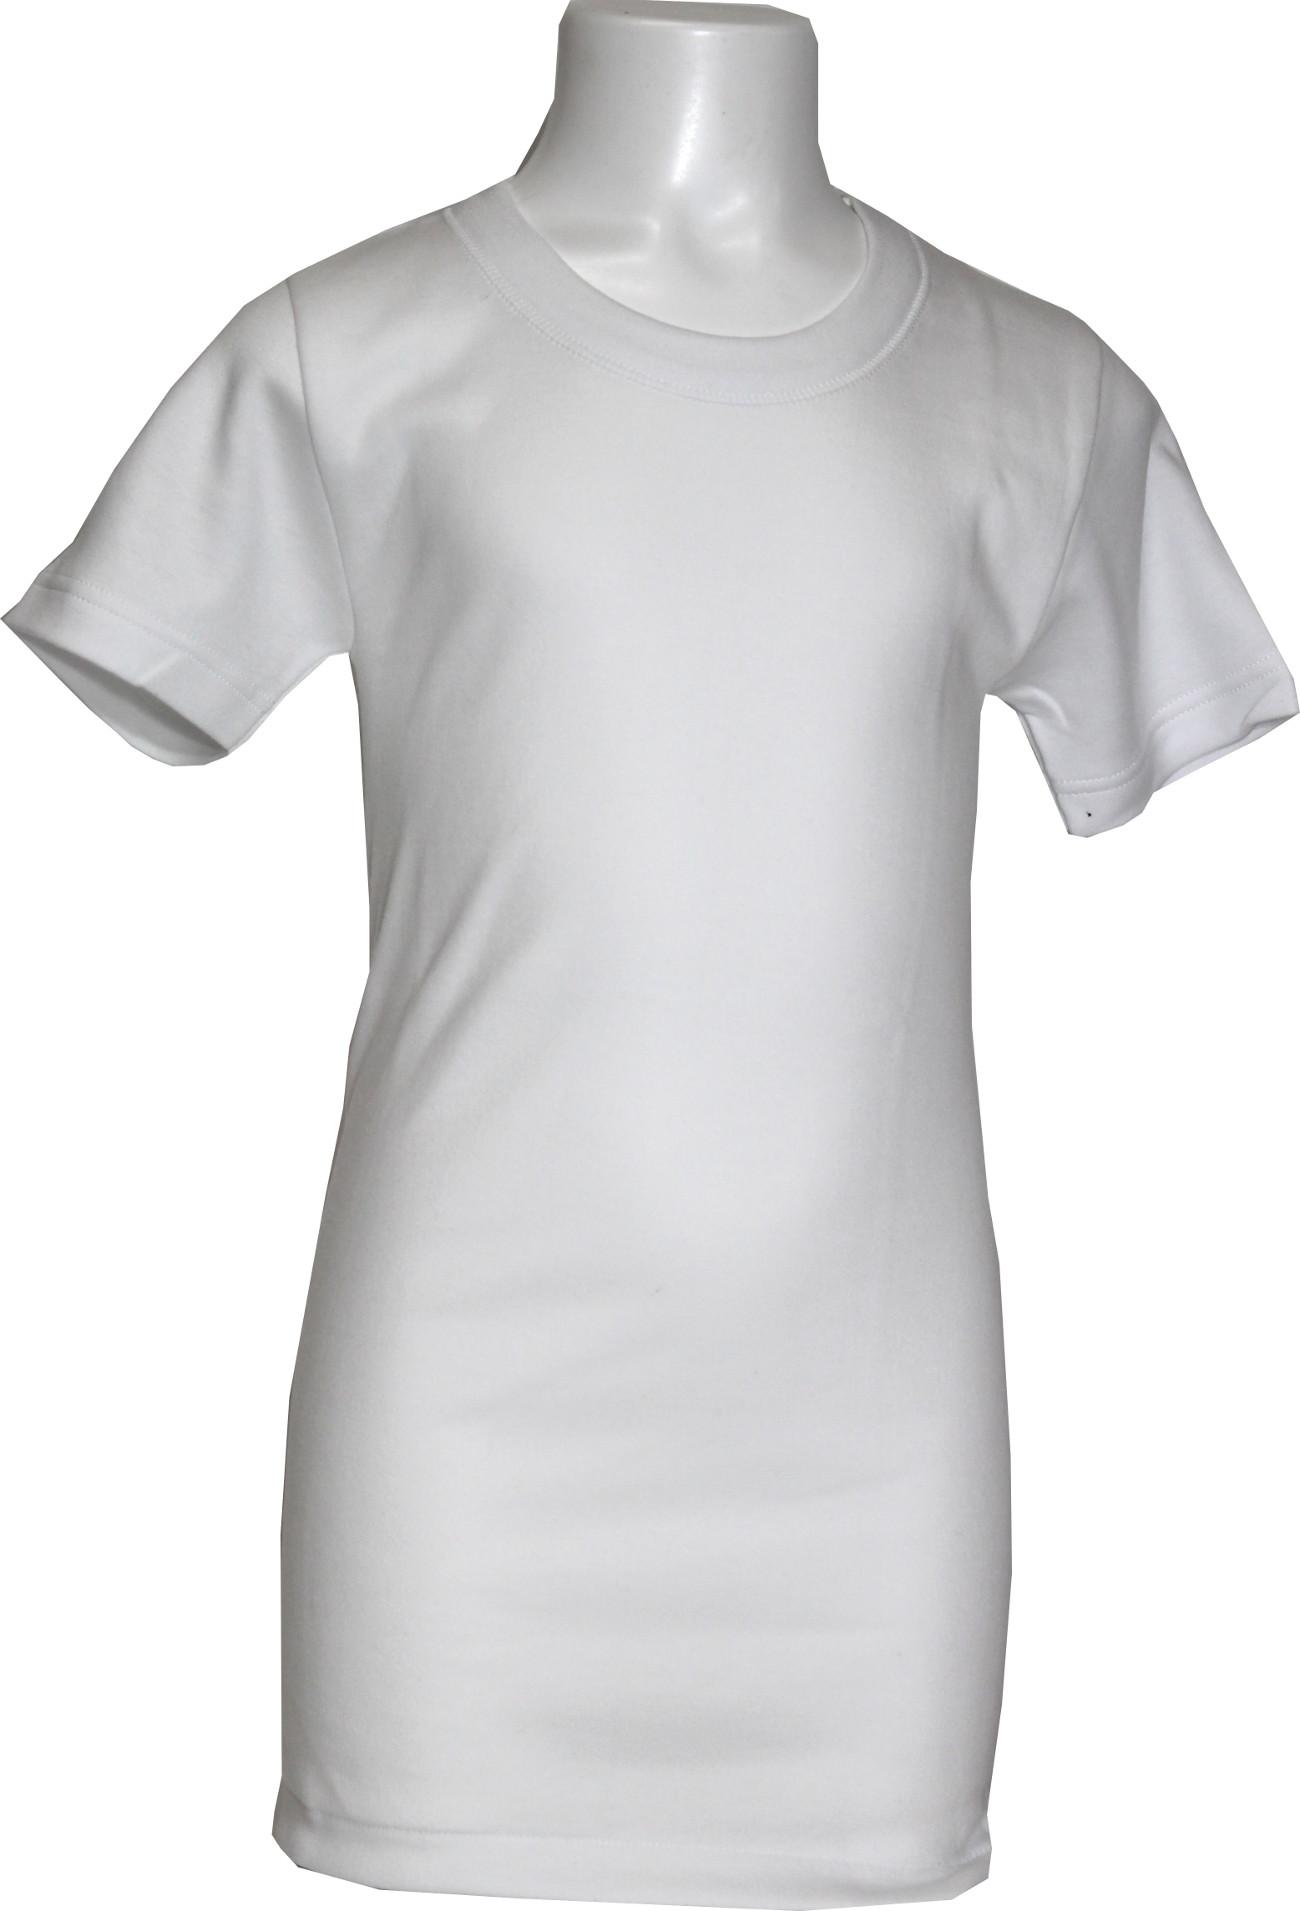 Maglietta manica corta bambino interlock Ma.Re. girocollo-0